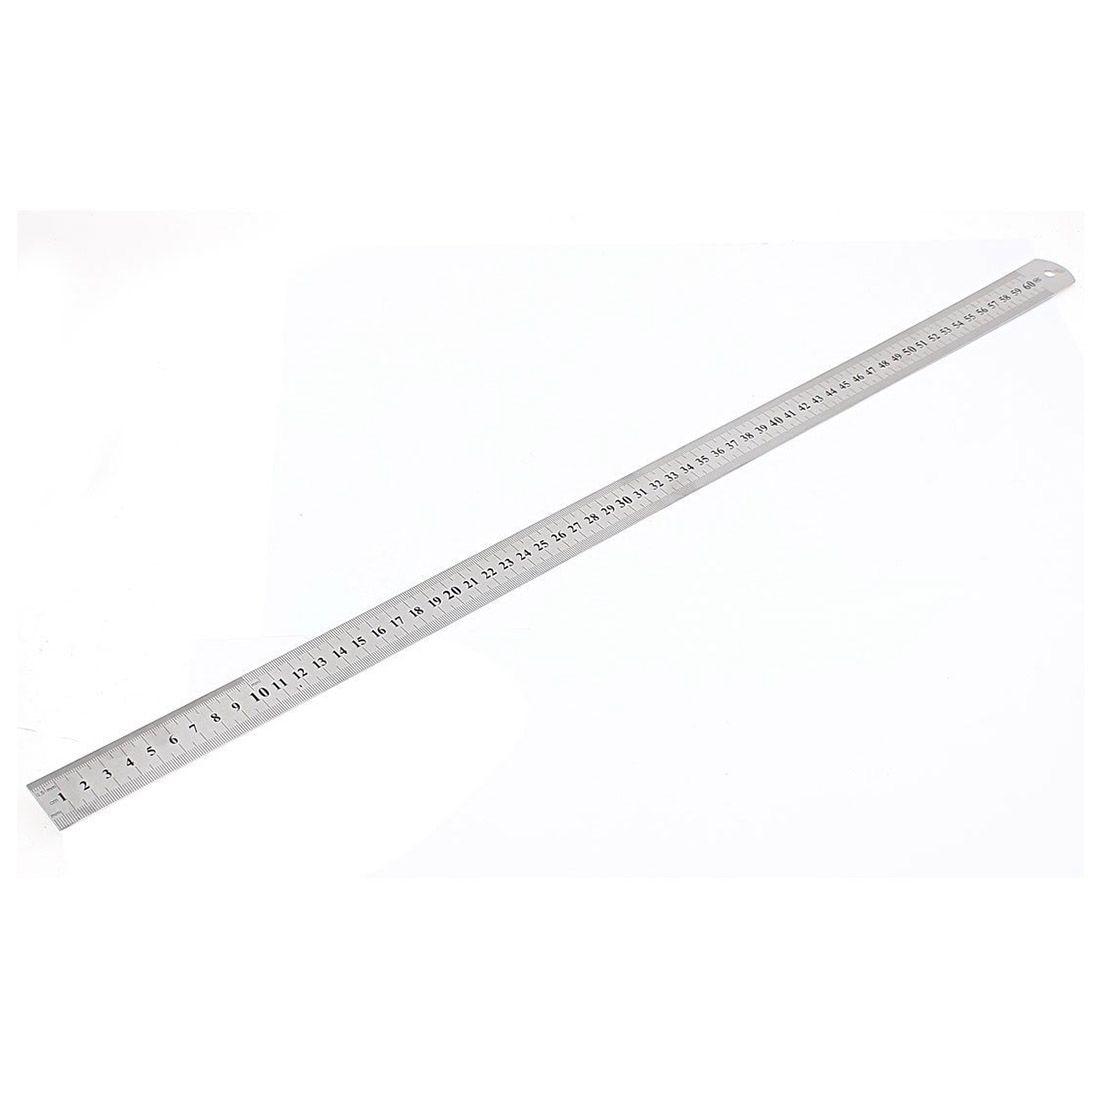 FYSS-Stainless Steel Ruler Double Side Measuring Straight Edge Ruler 60cm/24